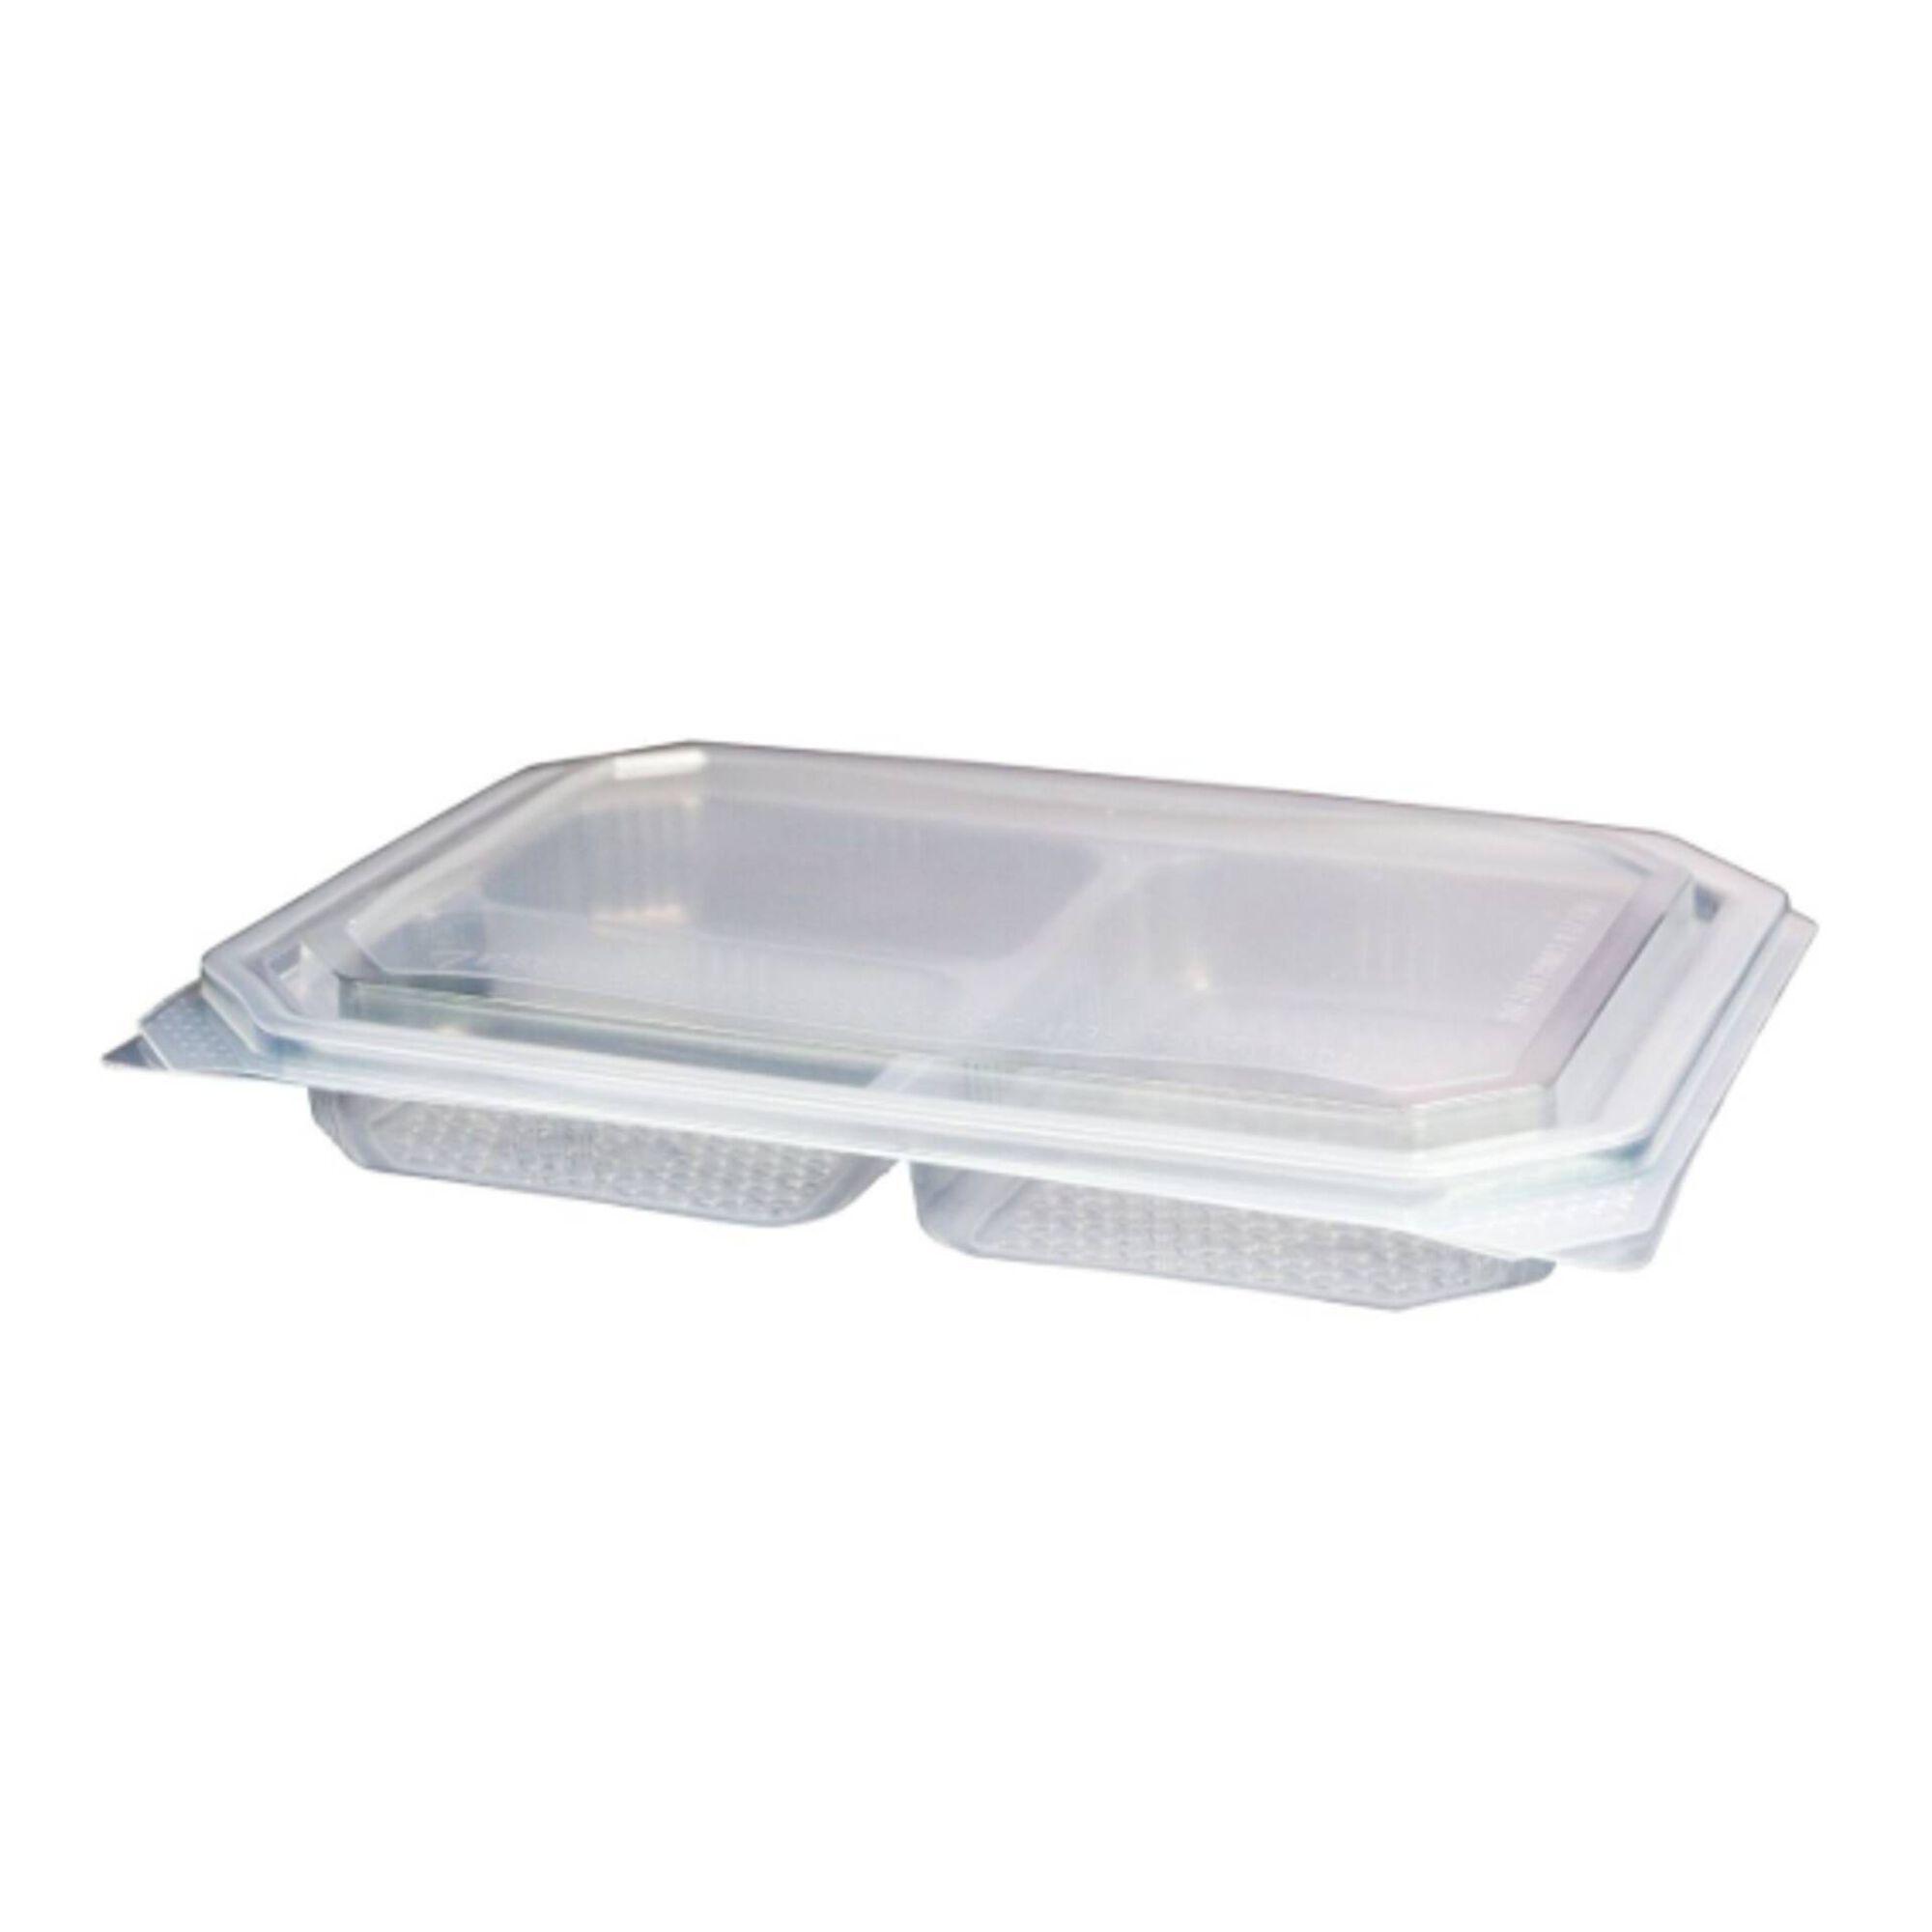 Embalagem Micro-ondas Plástico com Compartimentos Transparente